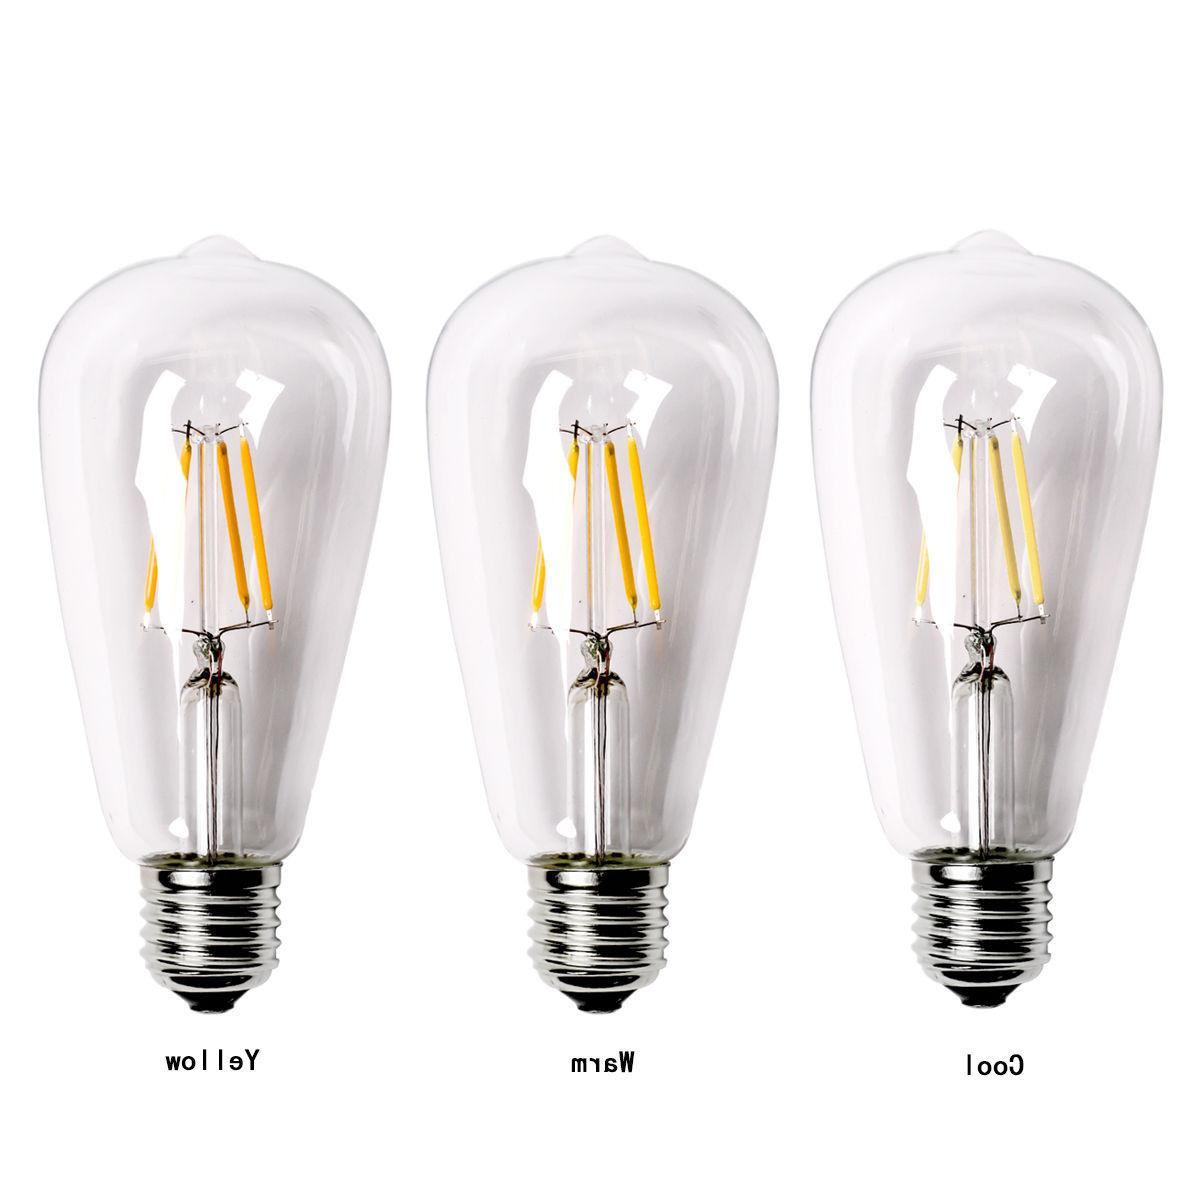 LOT-10 Retro E27 Screw Filament Light